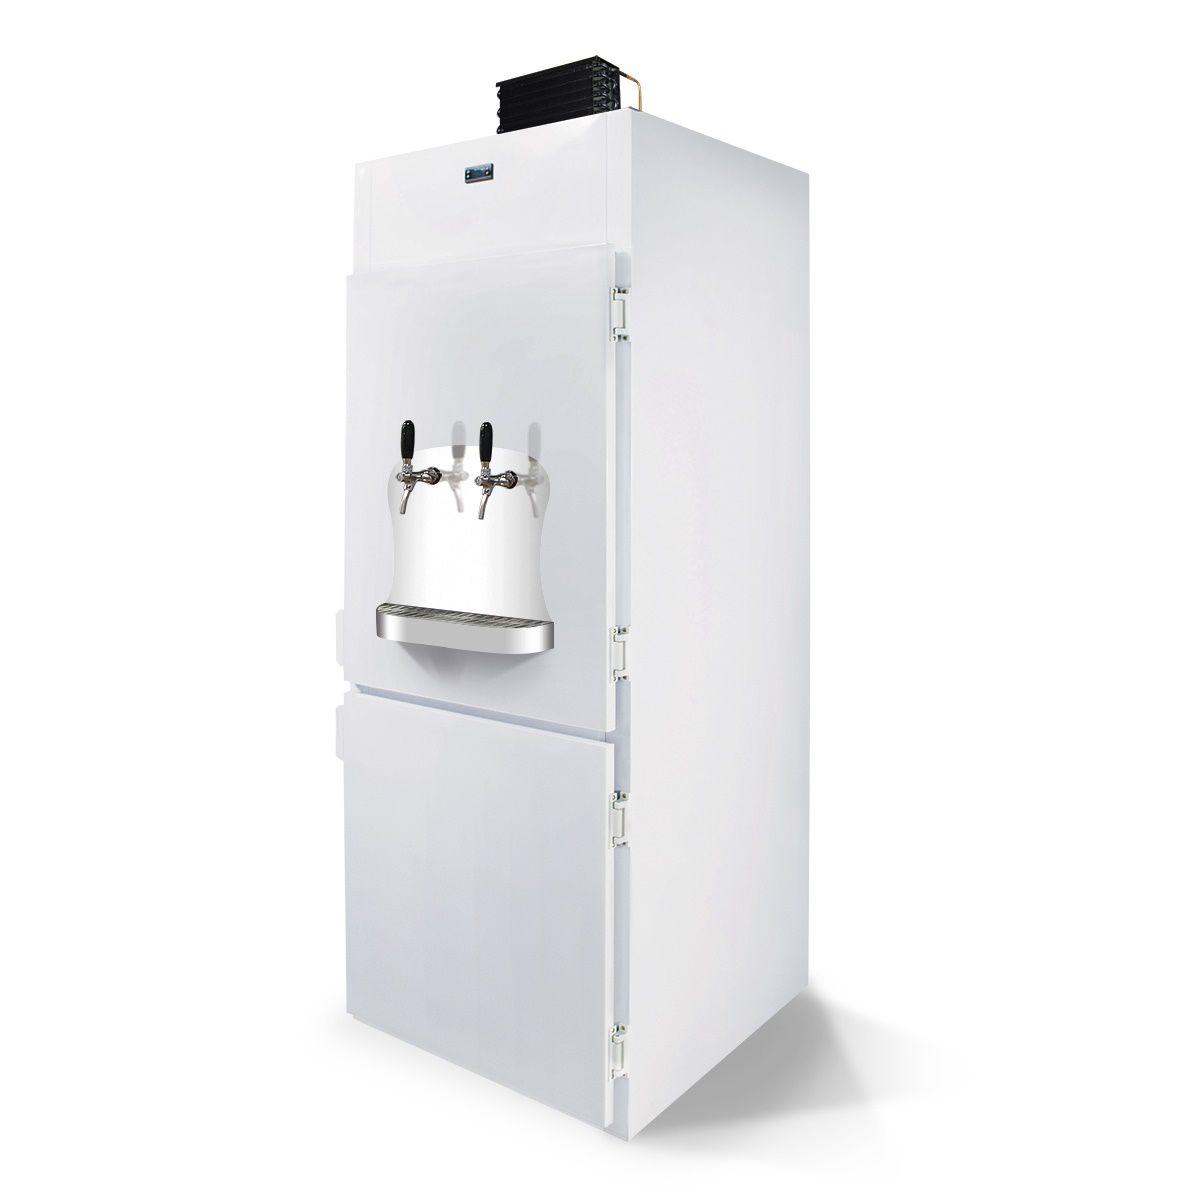 Refrigerador 2 Portas 950 Litros -7 Graus Com Kit Completo para Chopp   - Zero Grau Store